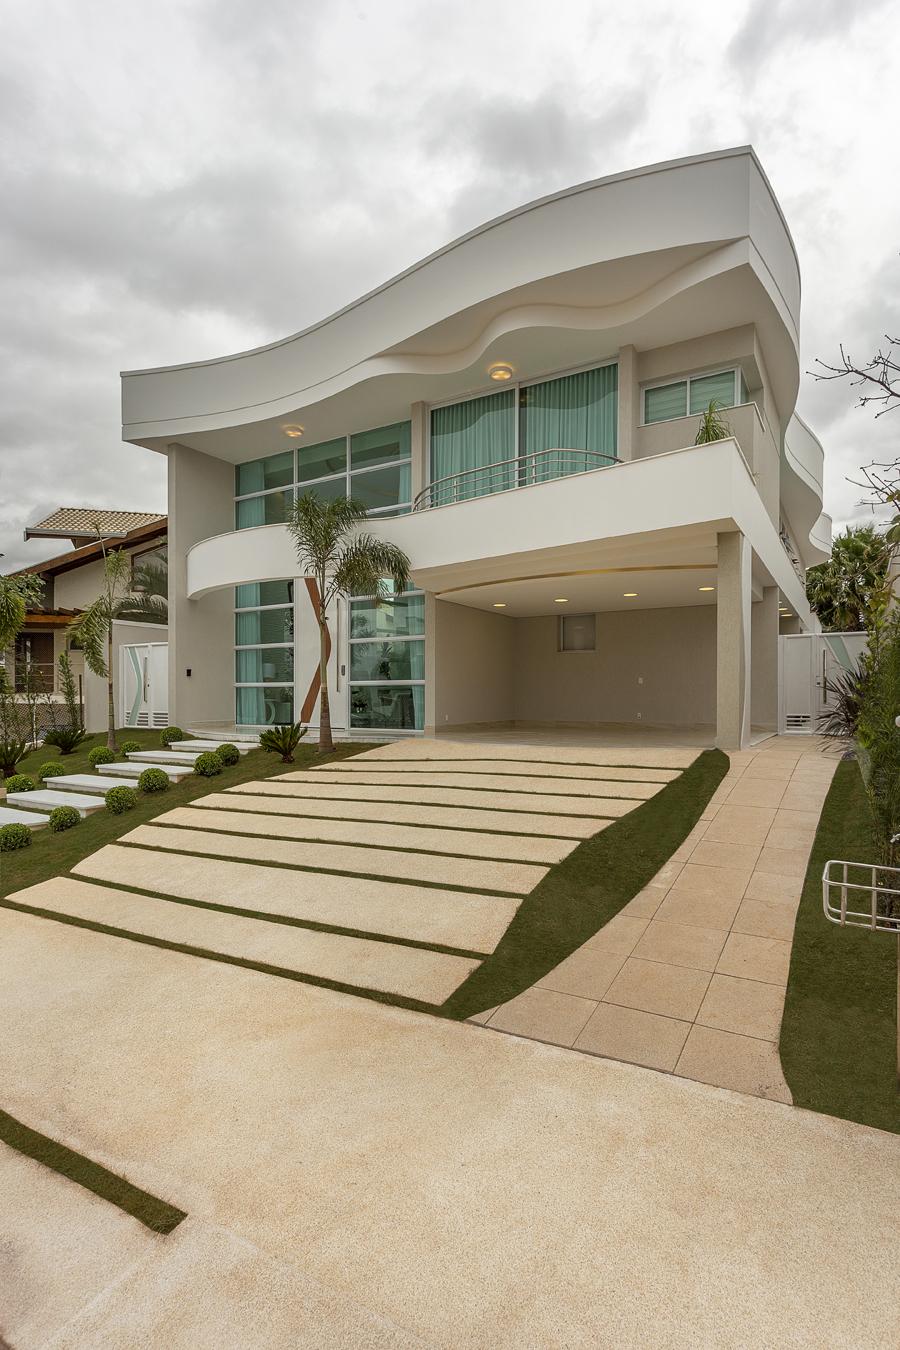 Arquiteto Aquiles Nícolas Kílaris - projeto arquitetônico Casa Esplendida